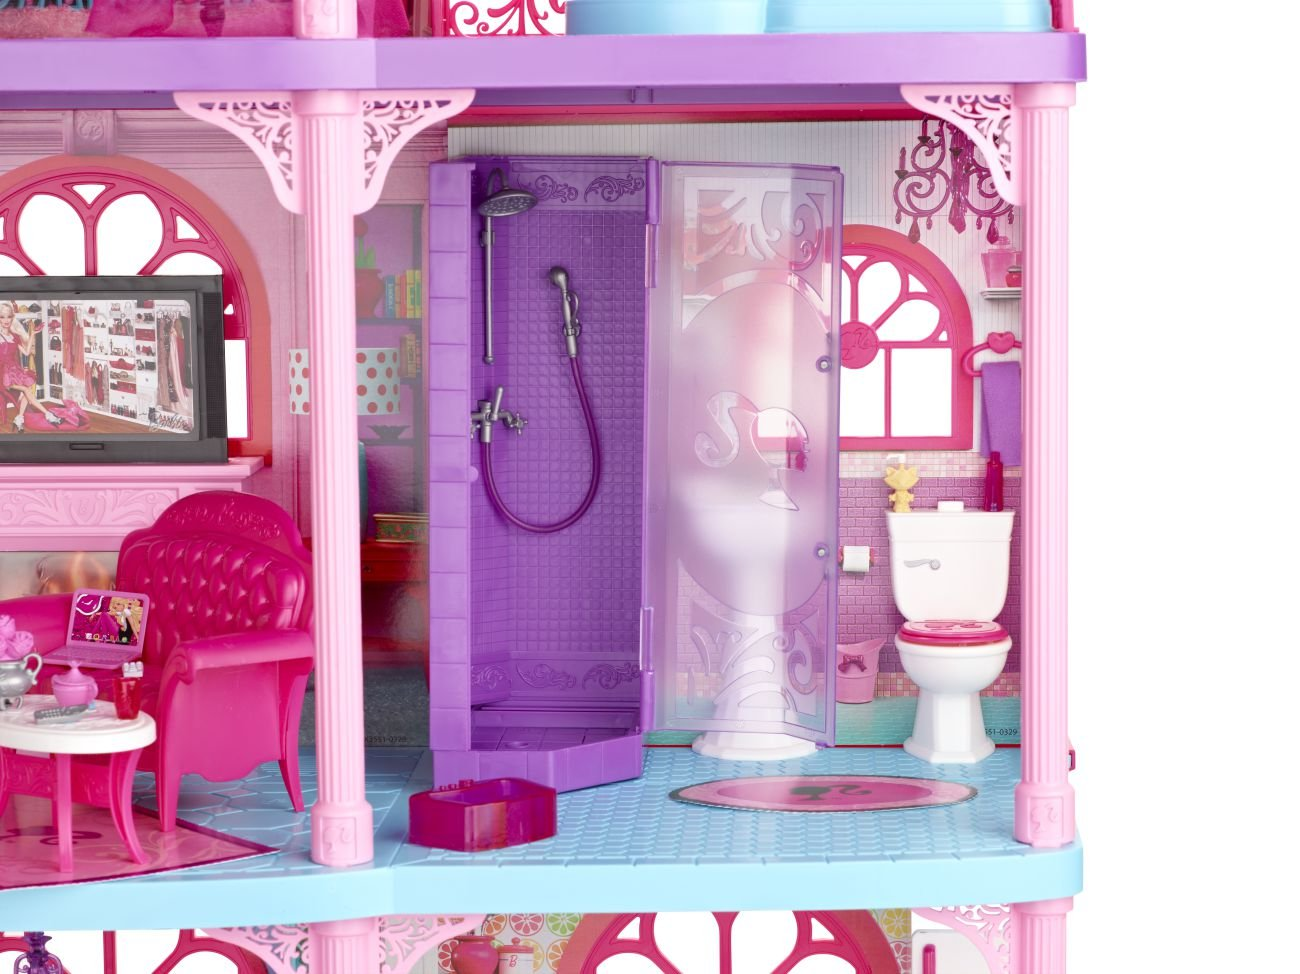 Vasca Da Bagno Barbie Anni 70 : Vasca palestra di barbie valigetta camera posot class